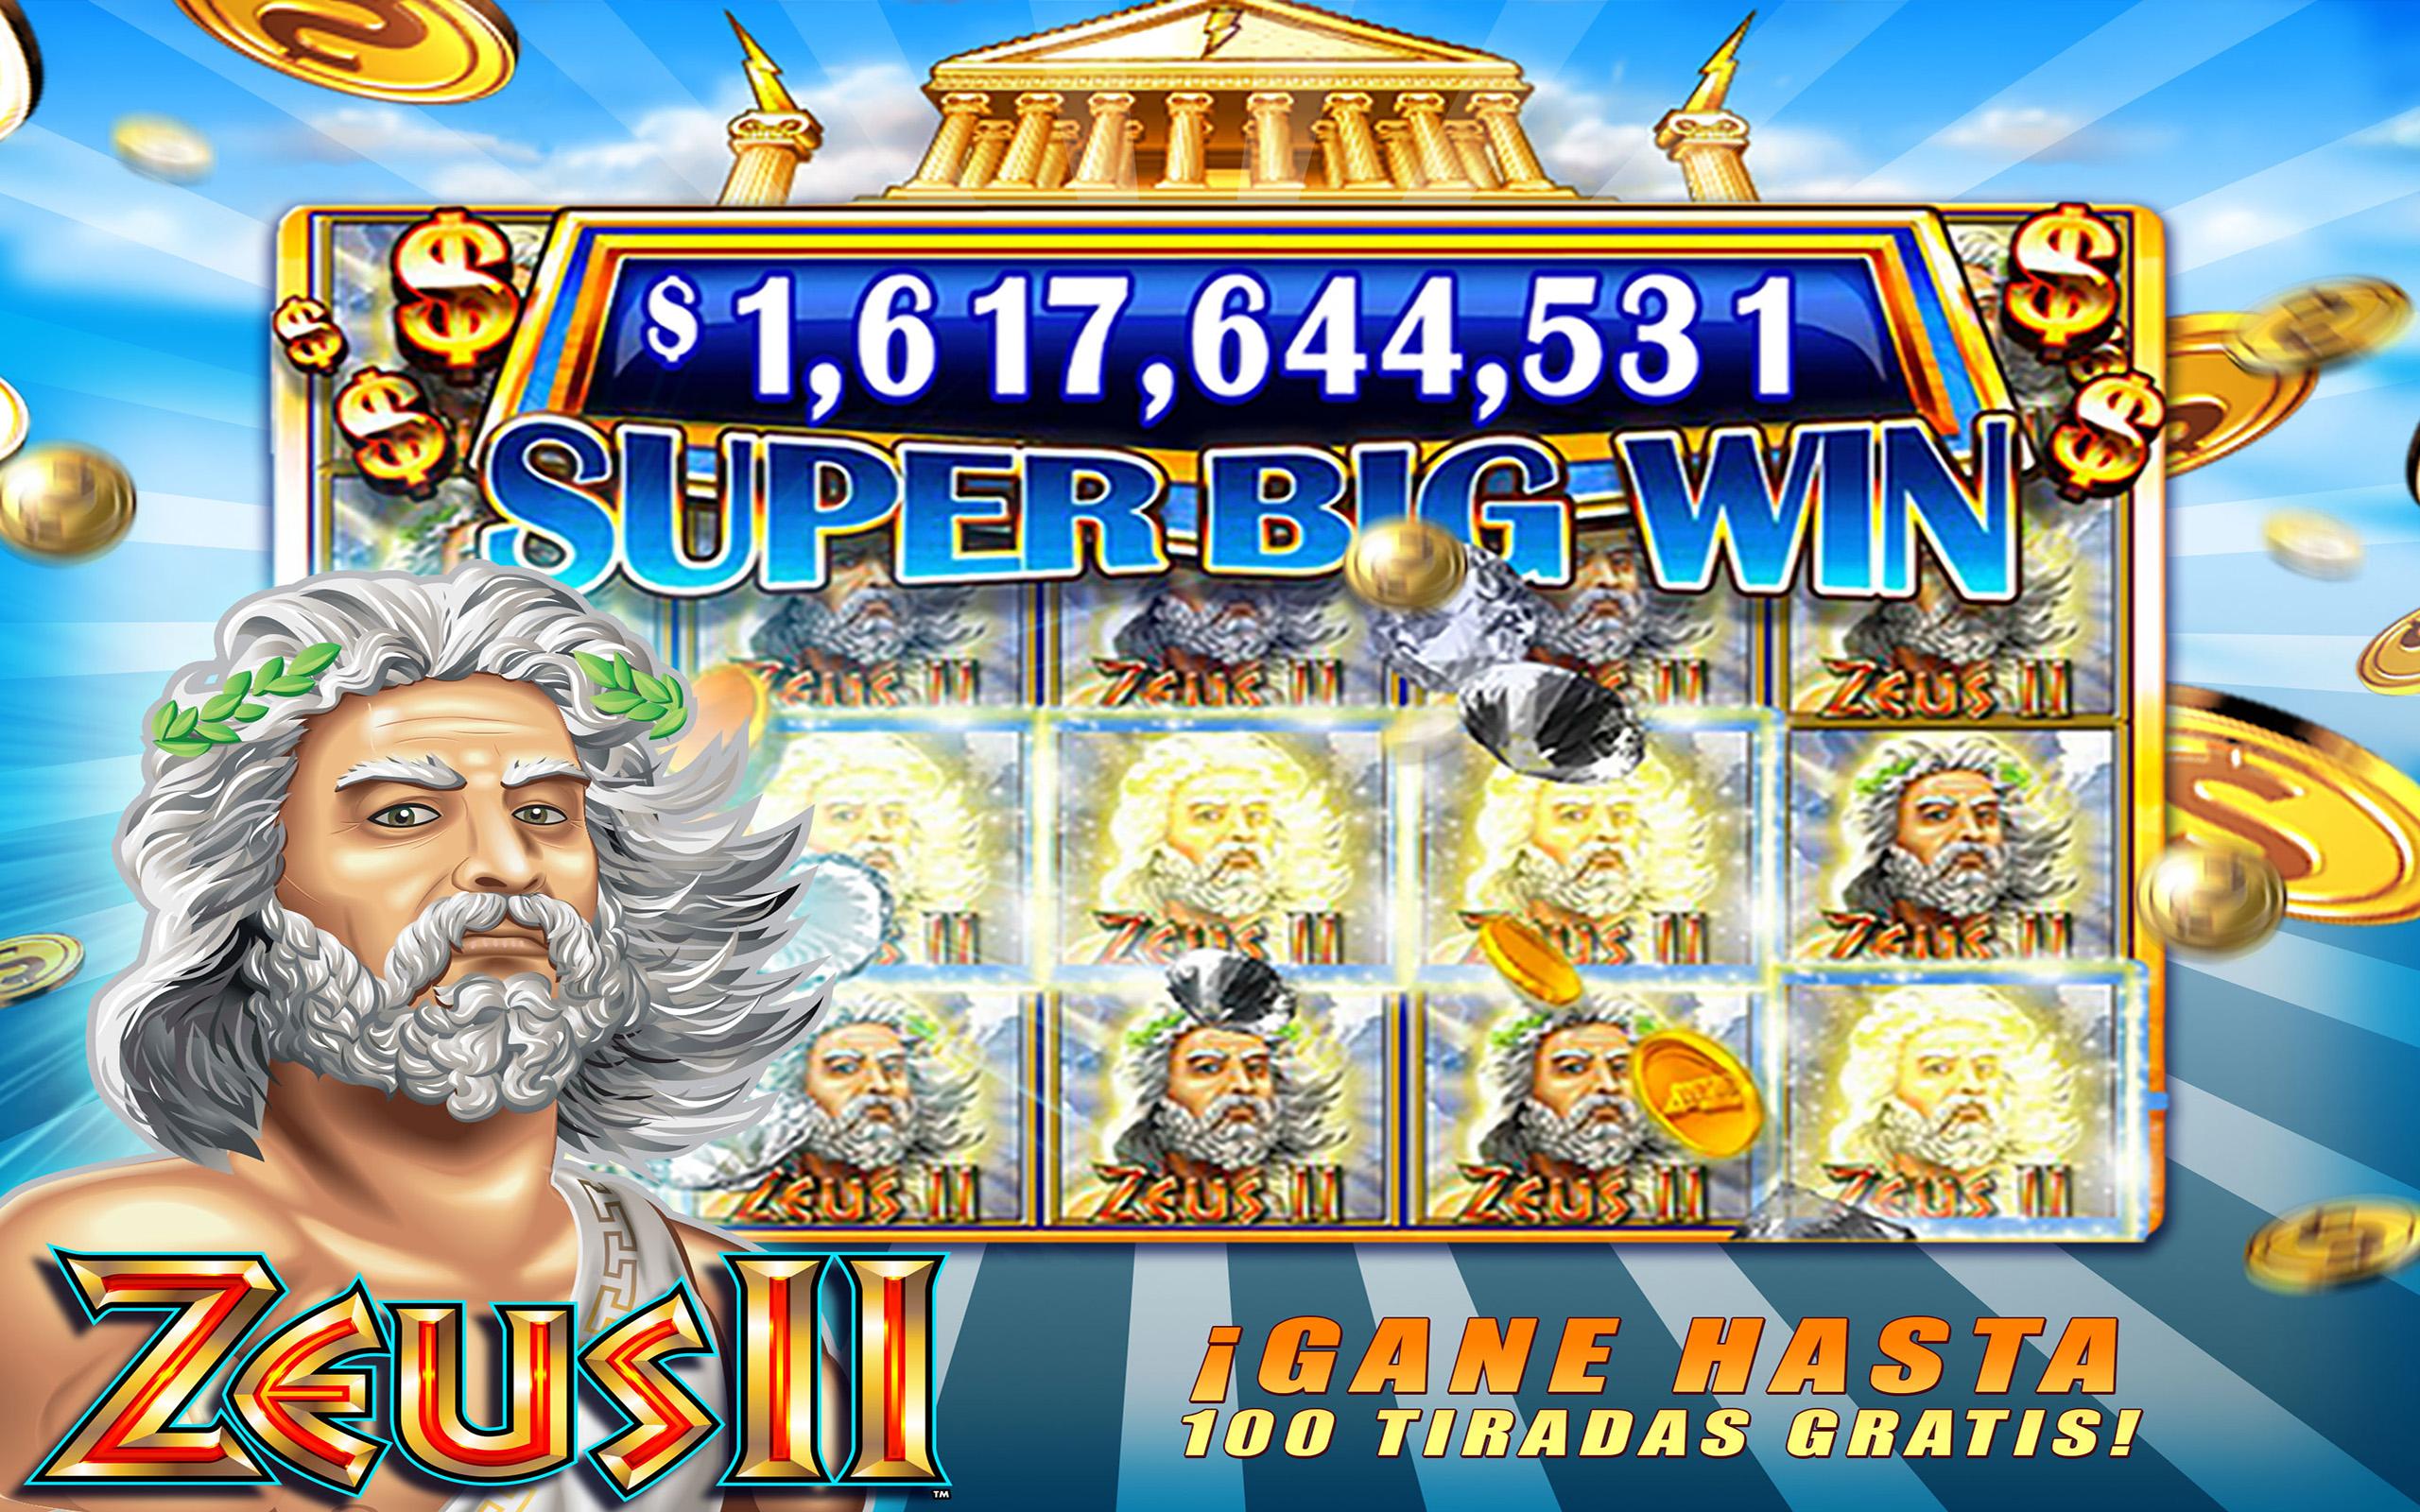 Promoción especial jackpot party casino slot free coins - 1269